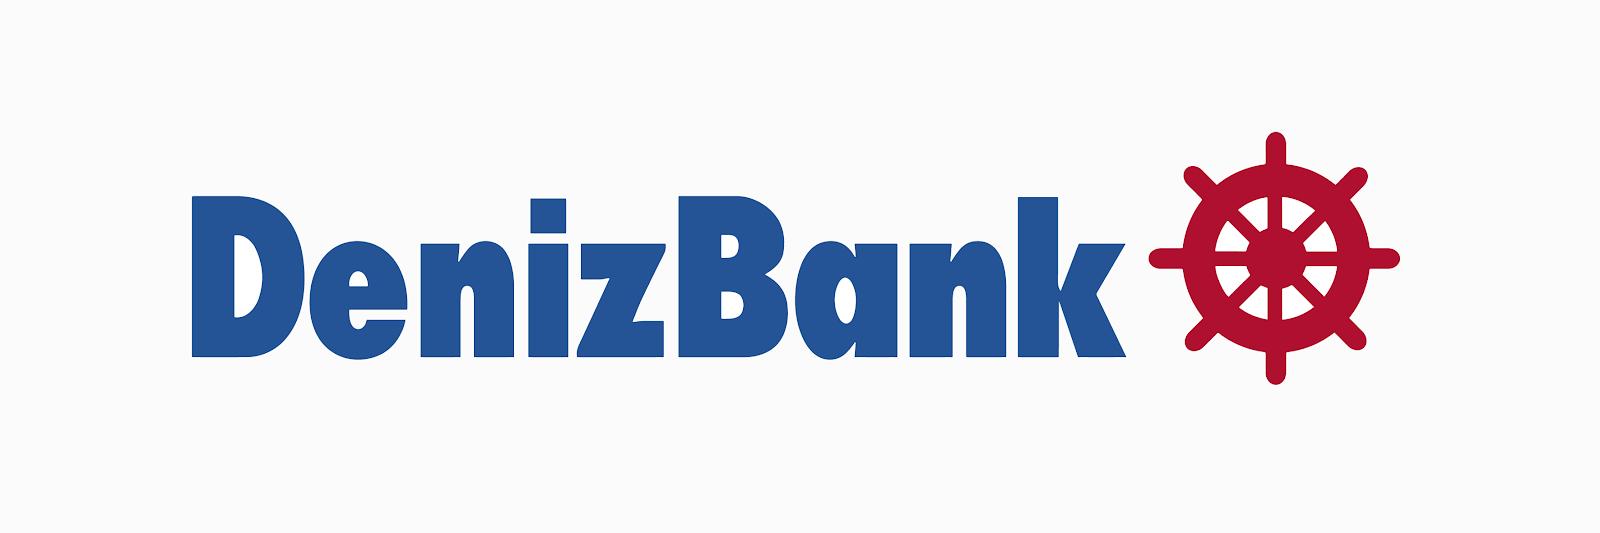 DenizBank Logo Vektör